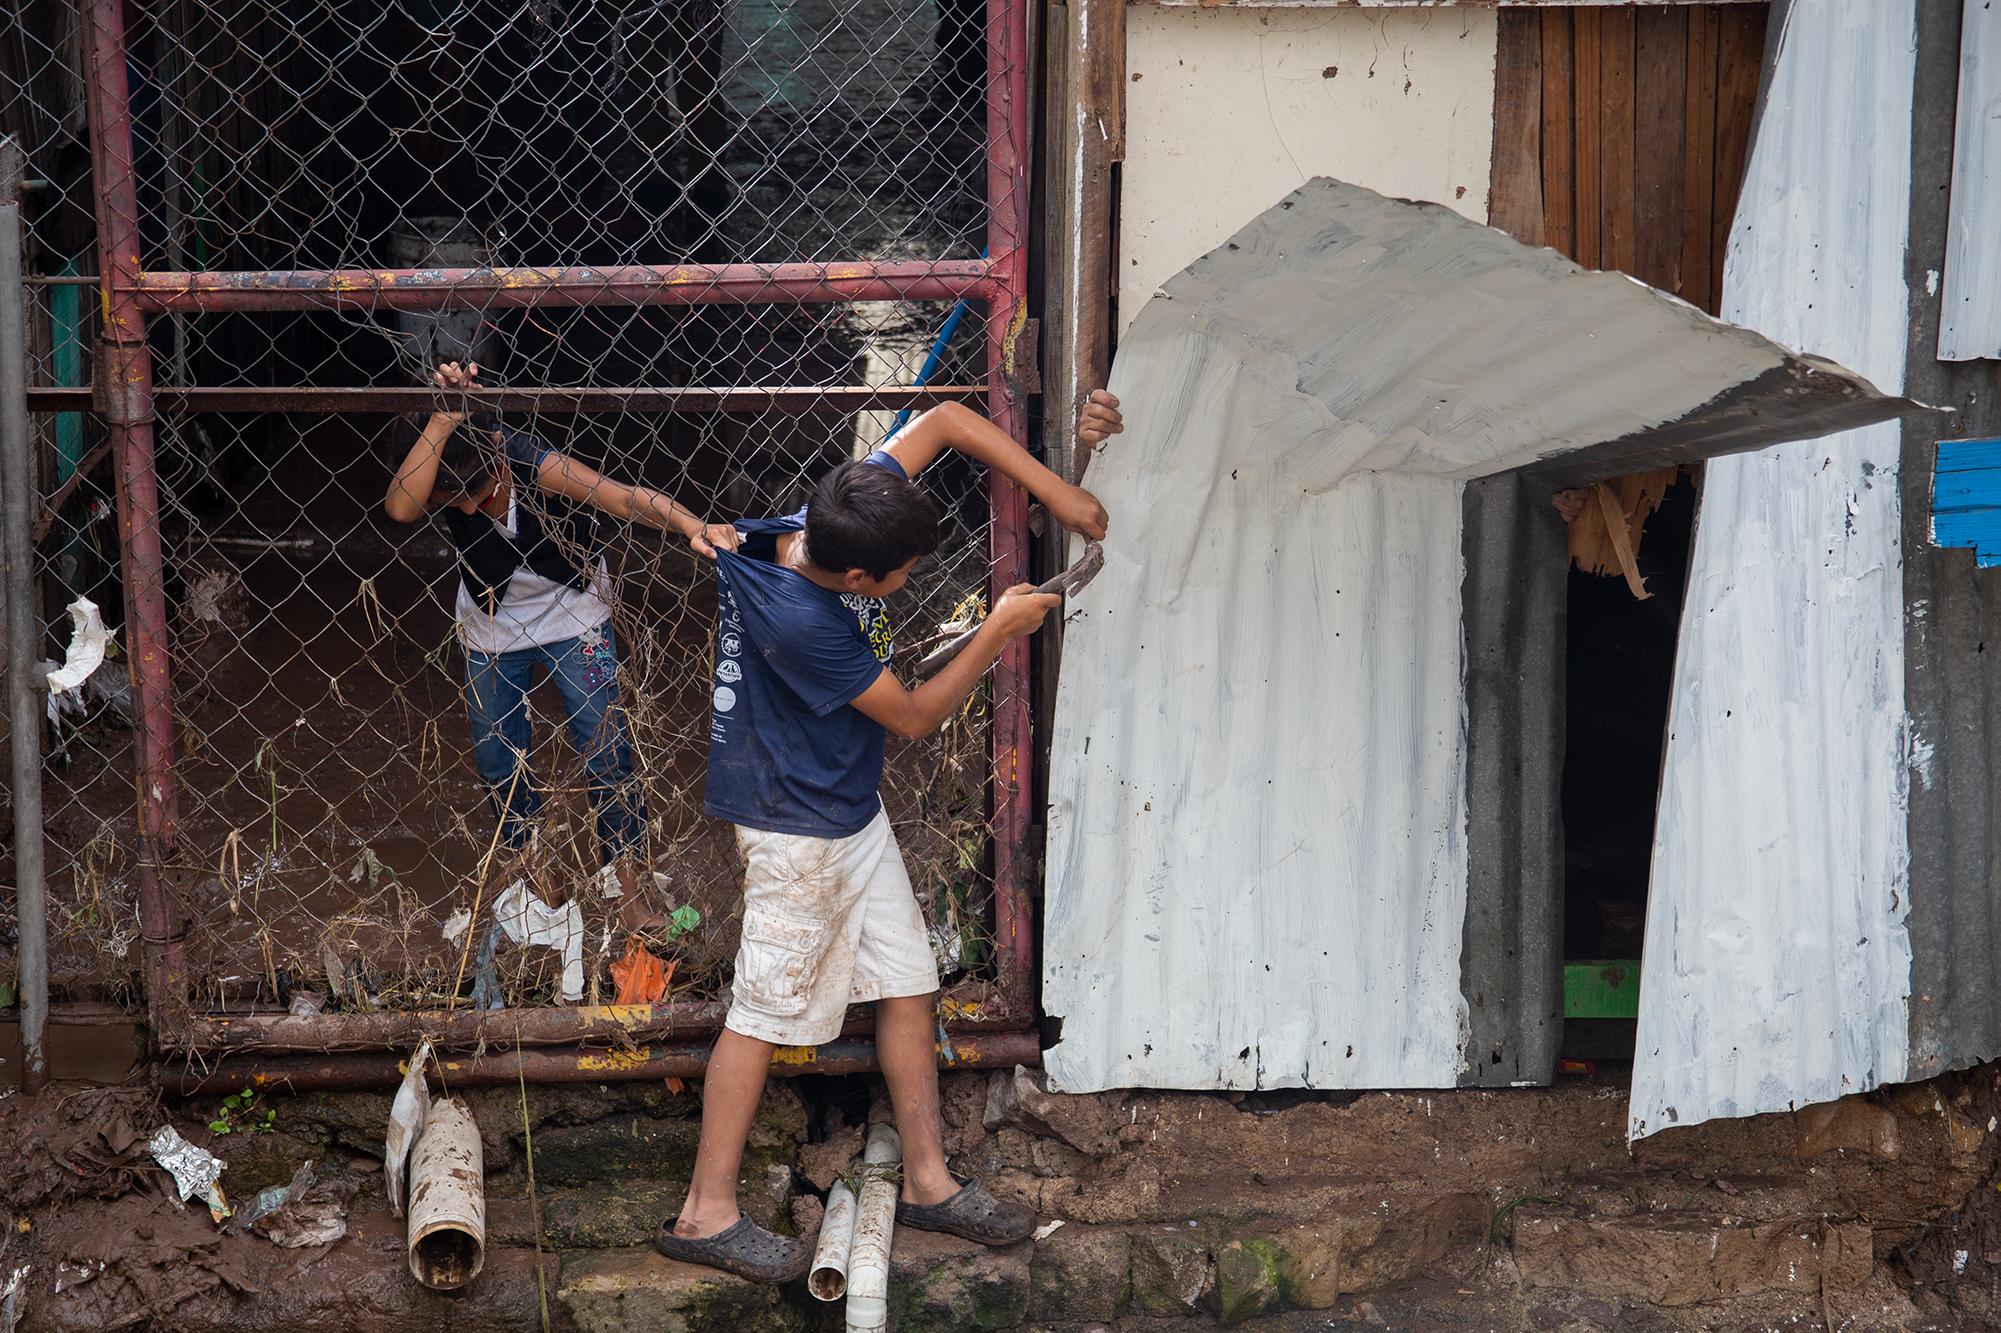 Un niño es ayudado por un adulto y una niña mientras coloca una lamina en el local de su familia en el Mercado Emmanuel con la intención de proteger mejor su negocio ante la posibilidad de una nueva crecida del Río Choluteca. Comayagüela, 5 de noviembre de 2020. Foto: Martín Cálix.